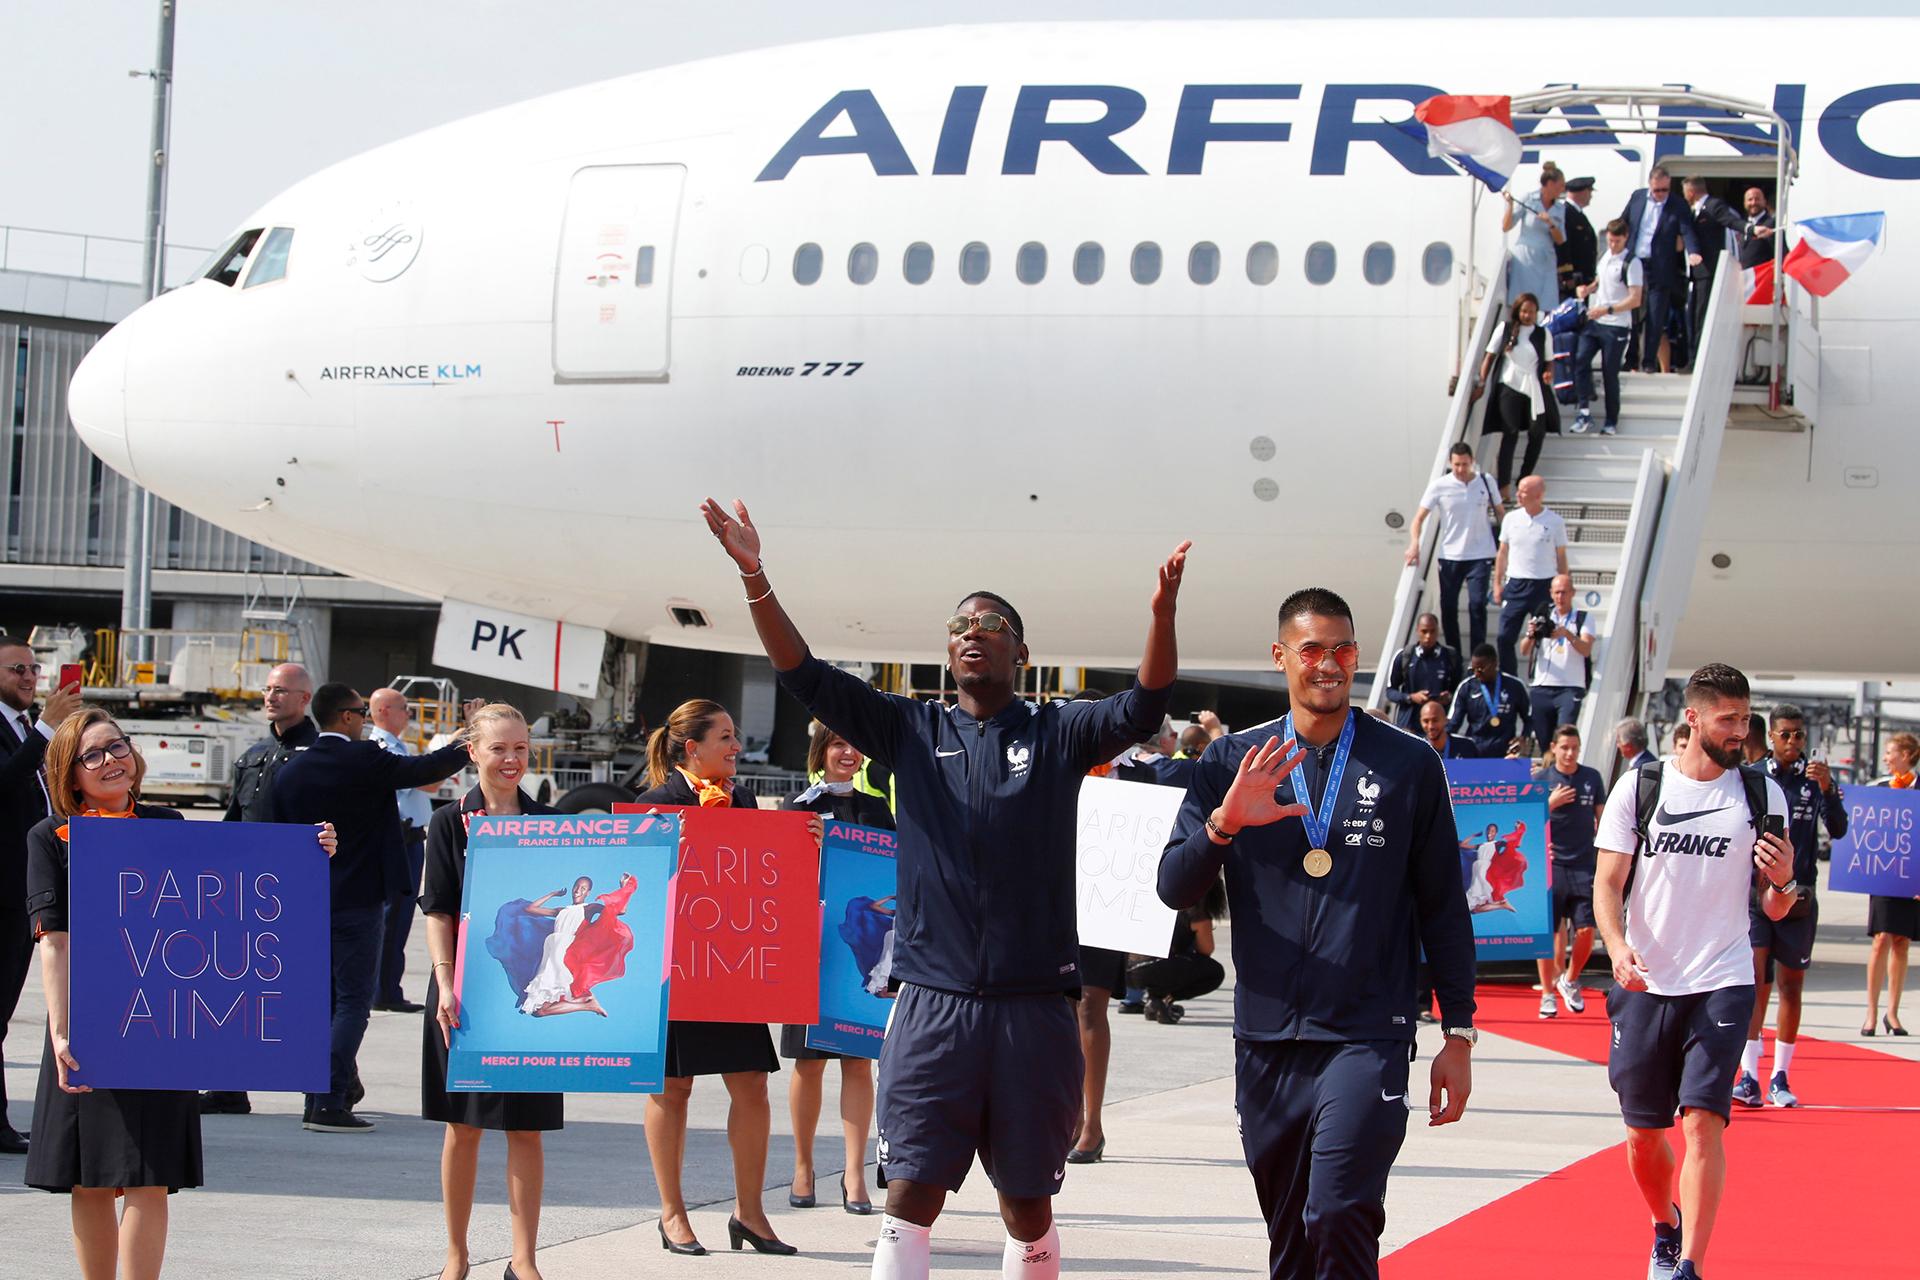 Las azafatas de la aerolínea les realizaron un pasillo a los futbolistas que caminaron por una alfombra roja